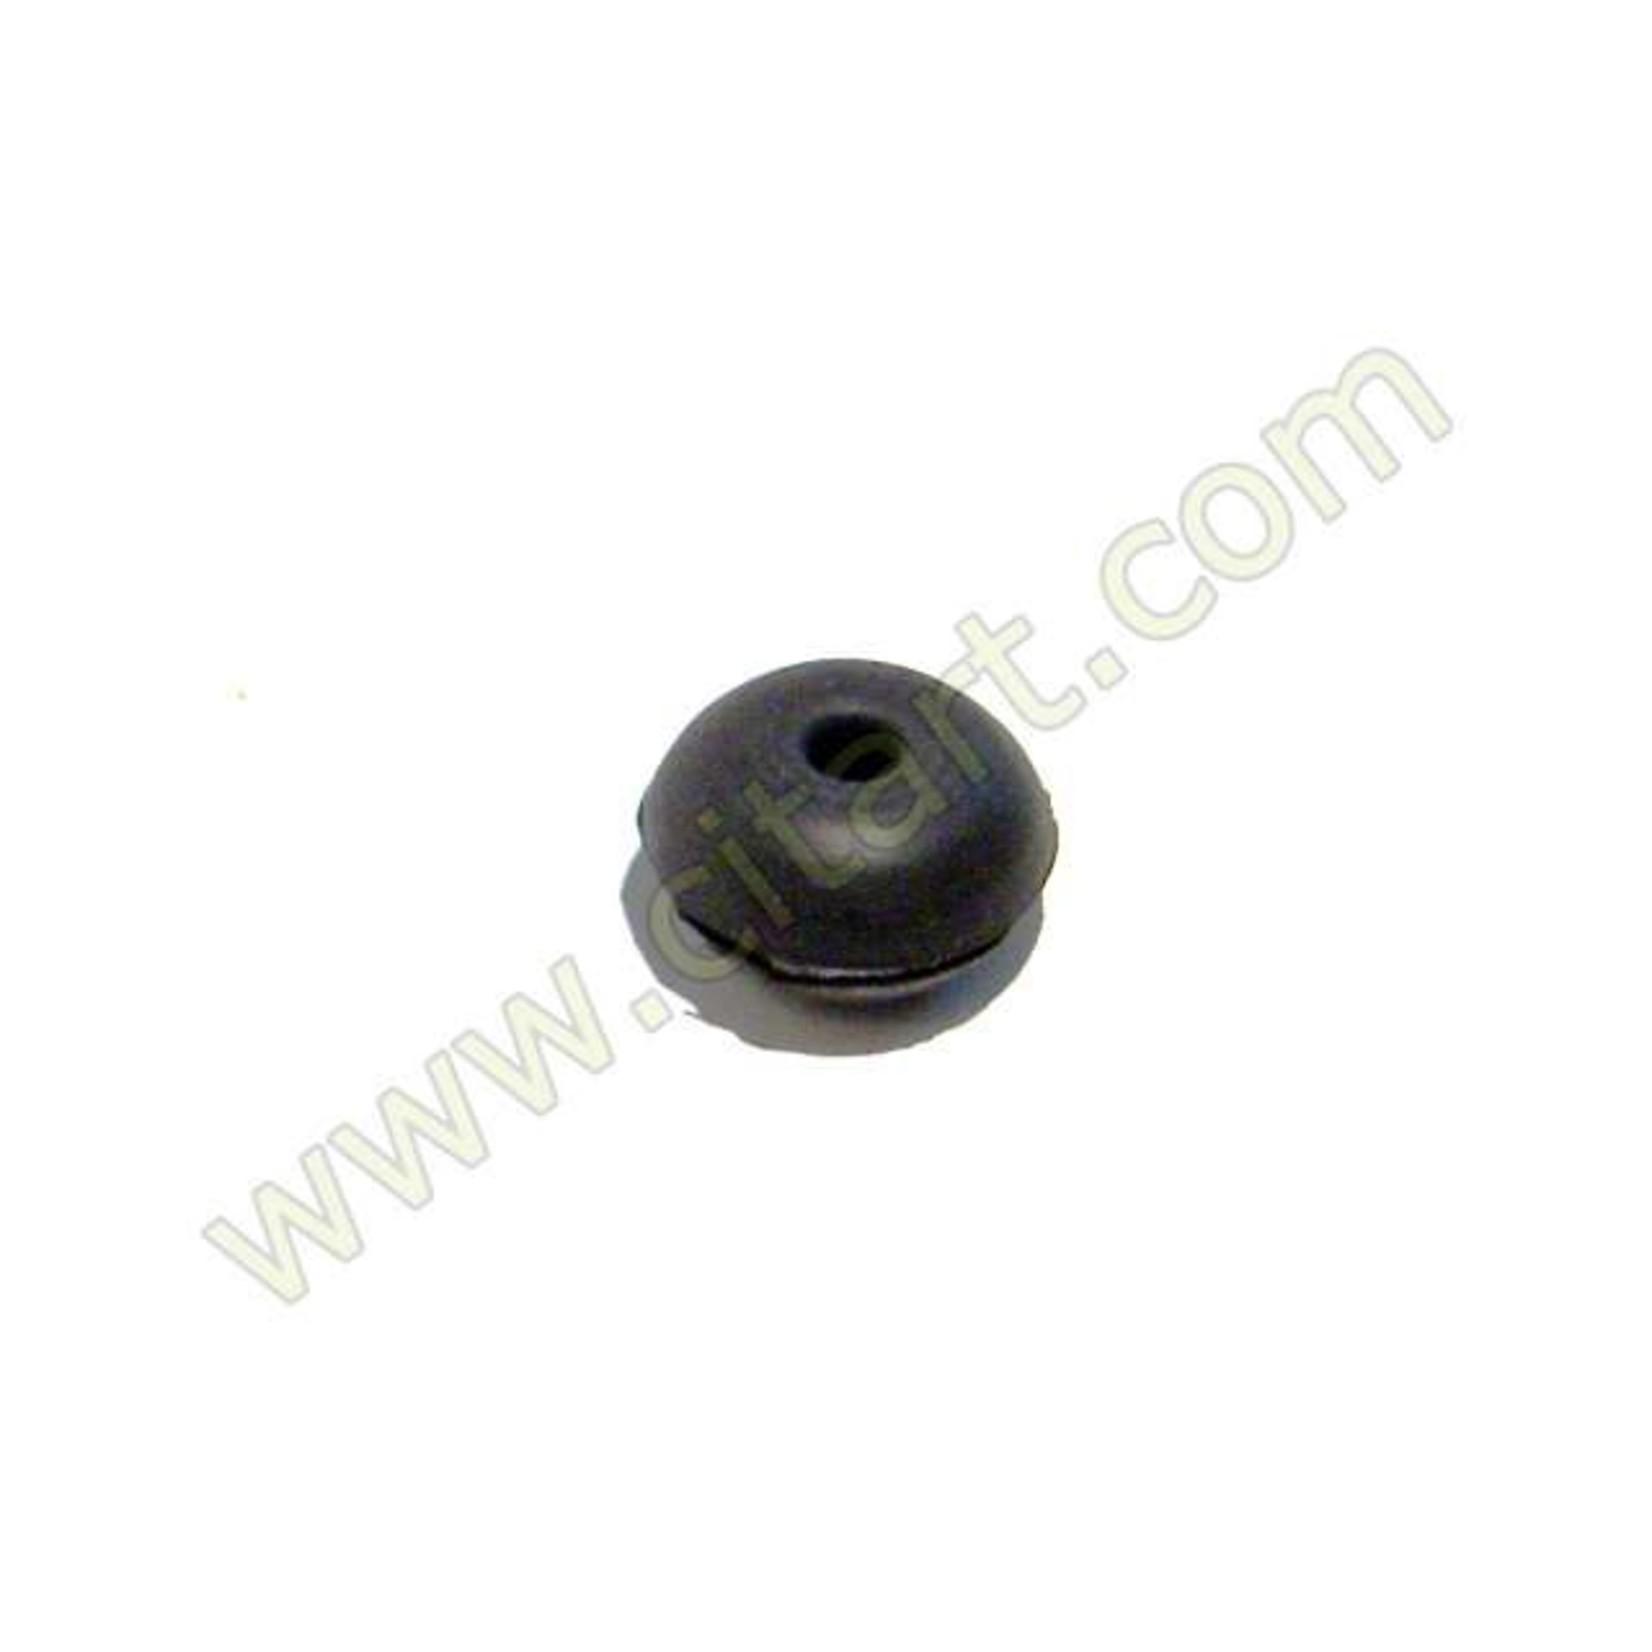 Motorkapstang rubber Nr Org: A96153